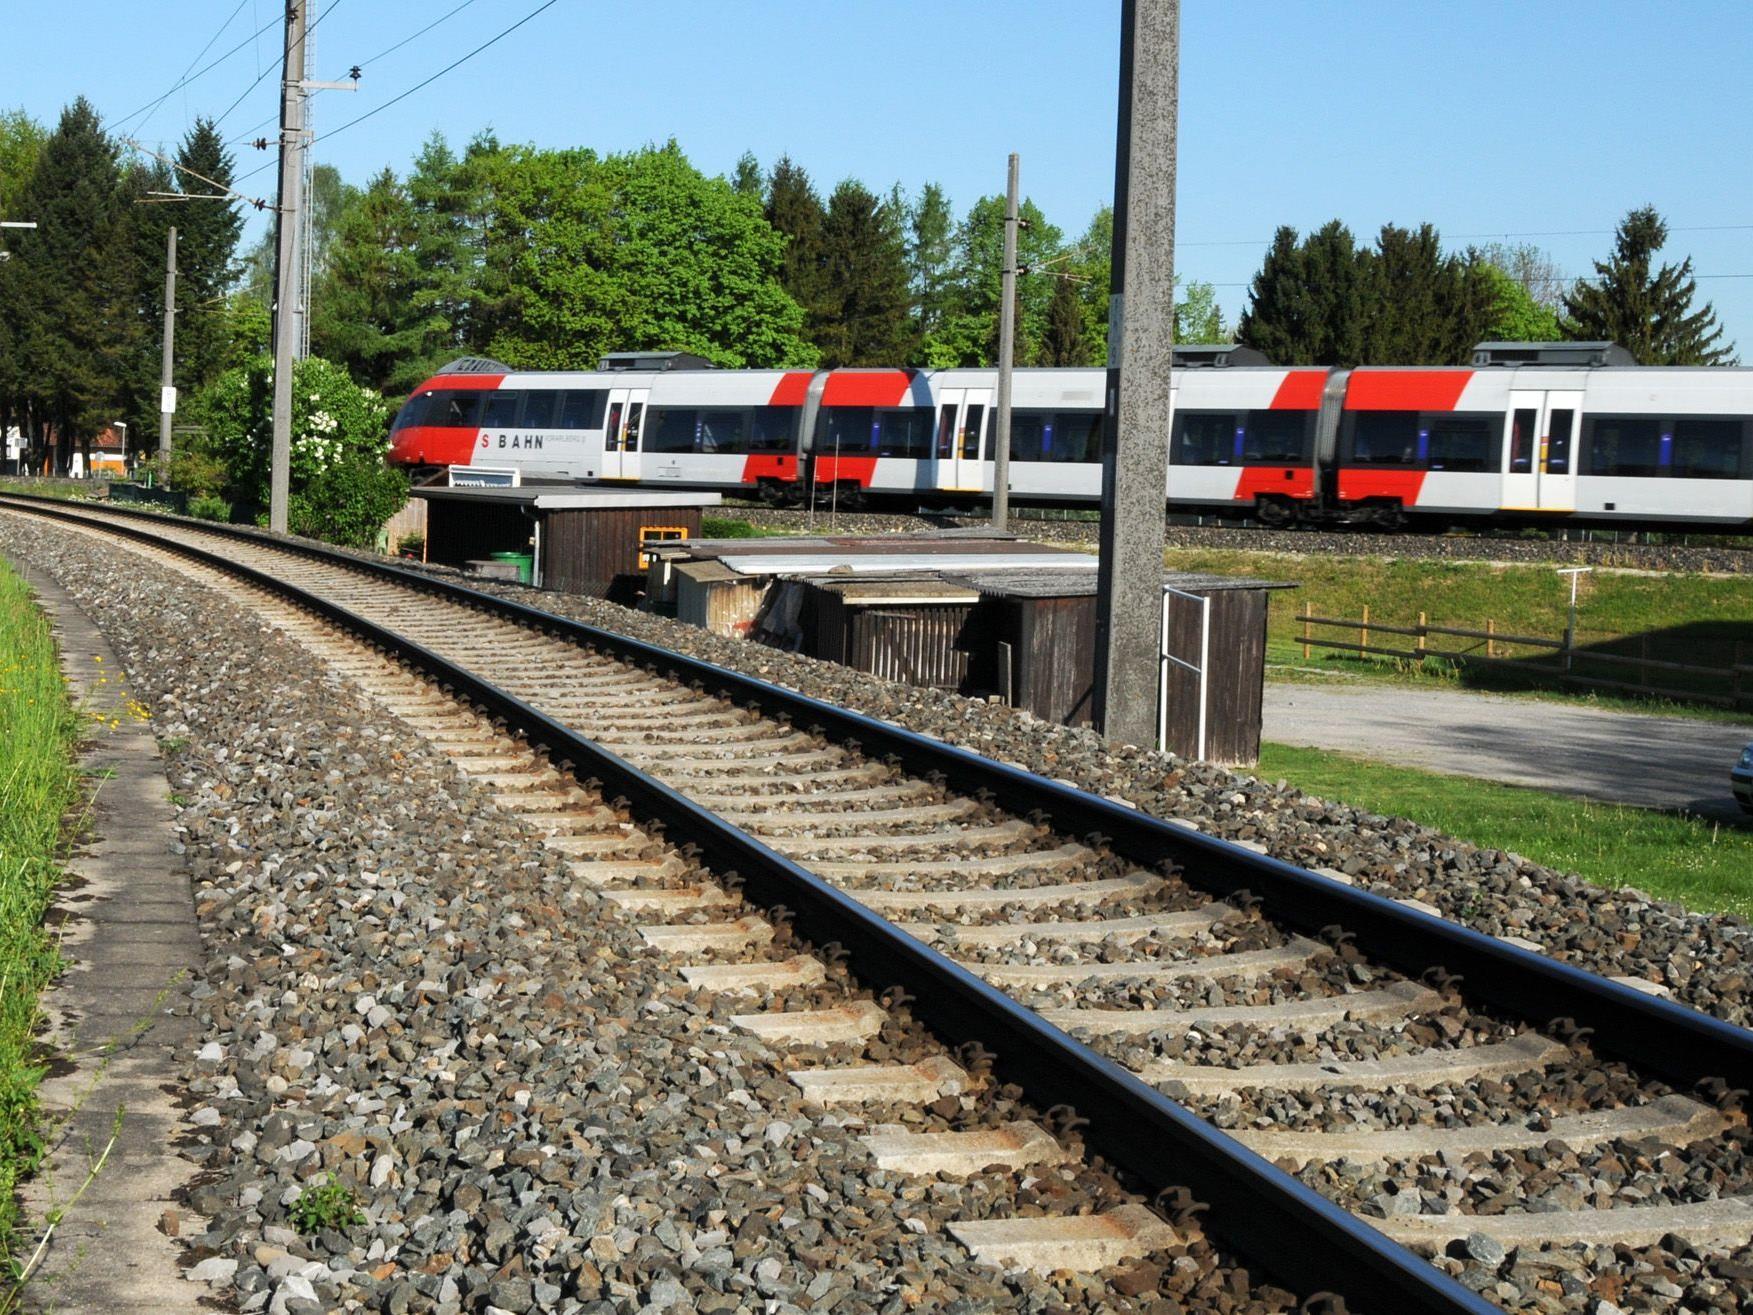 Die S-Bahn unterwegs von Bregenz Richtung Hard. Das Gleis vorne bleibt meist ungenutzt.